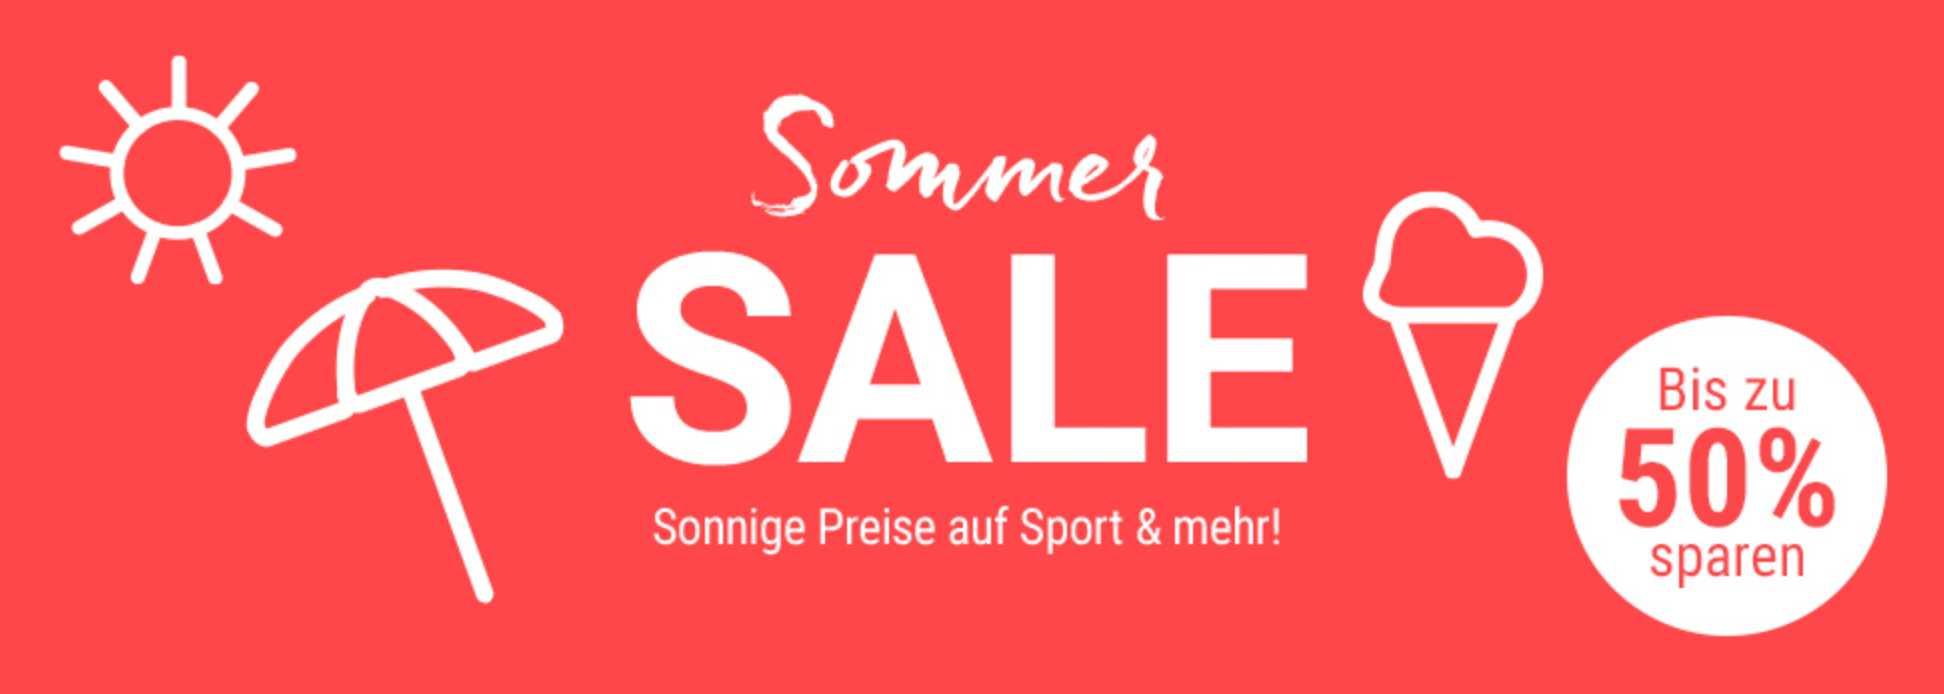 80a875e01c7072 Tchibo: Sommer-Sale mit bis zu 50% Rabatt